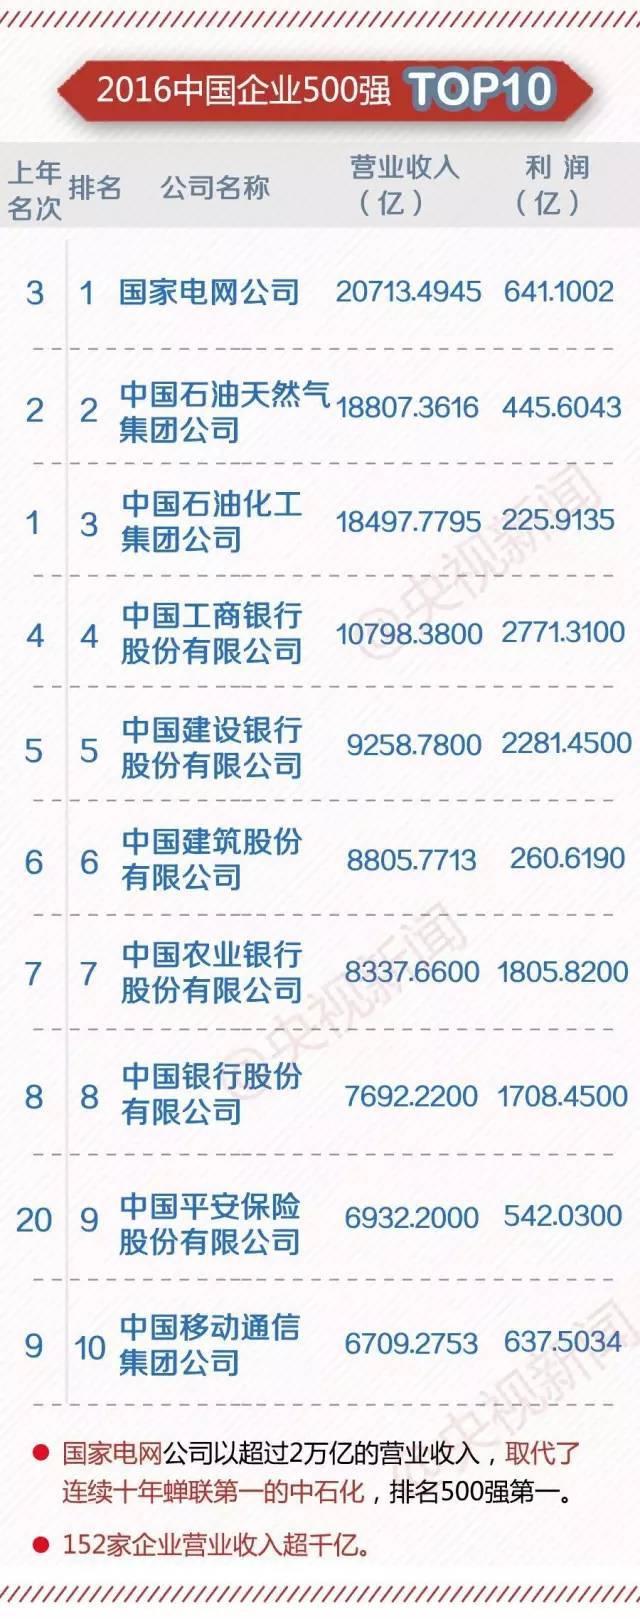 2016中国民企业500强,建筑企业入榜58家(附入榜单)_5